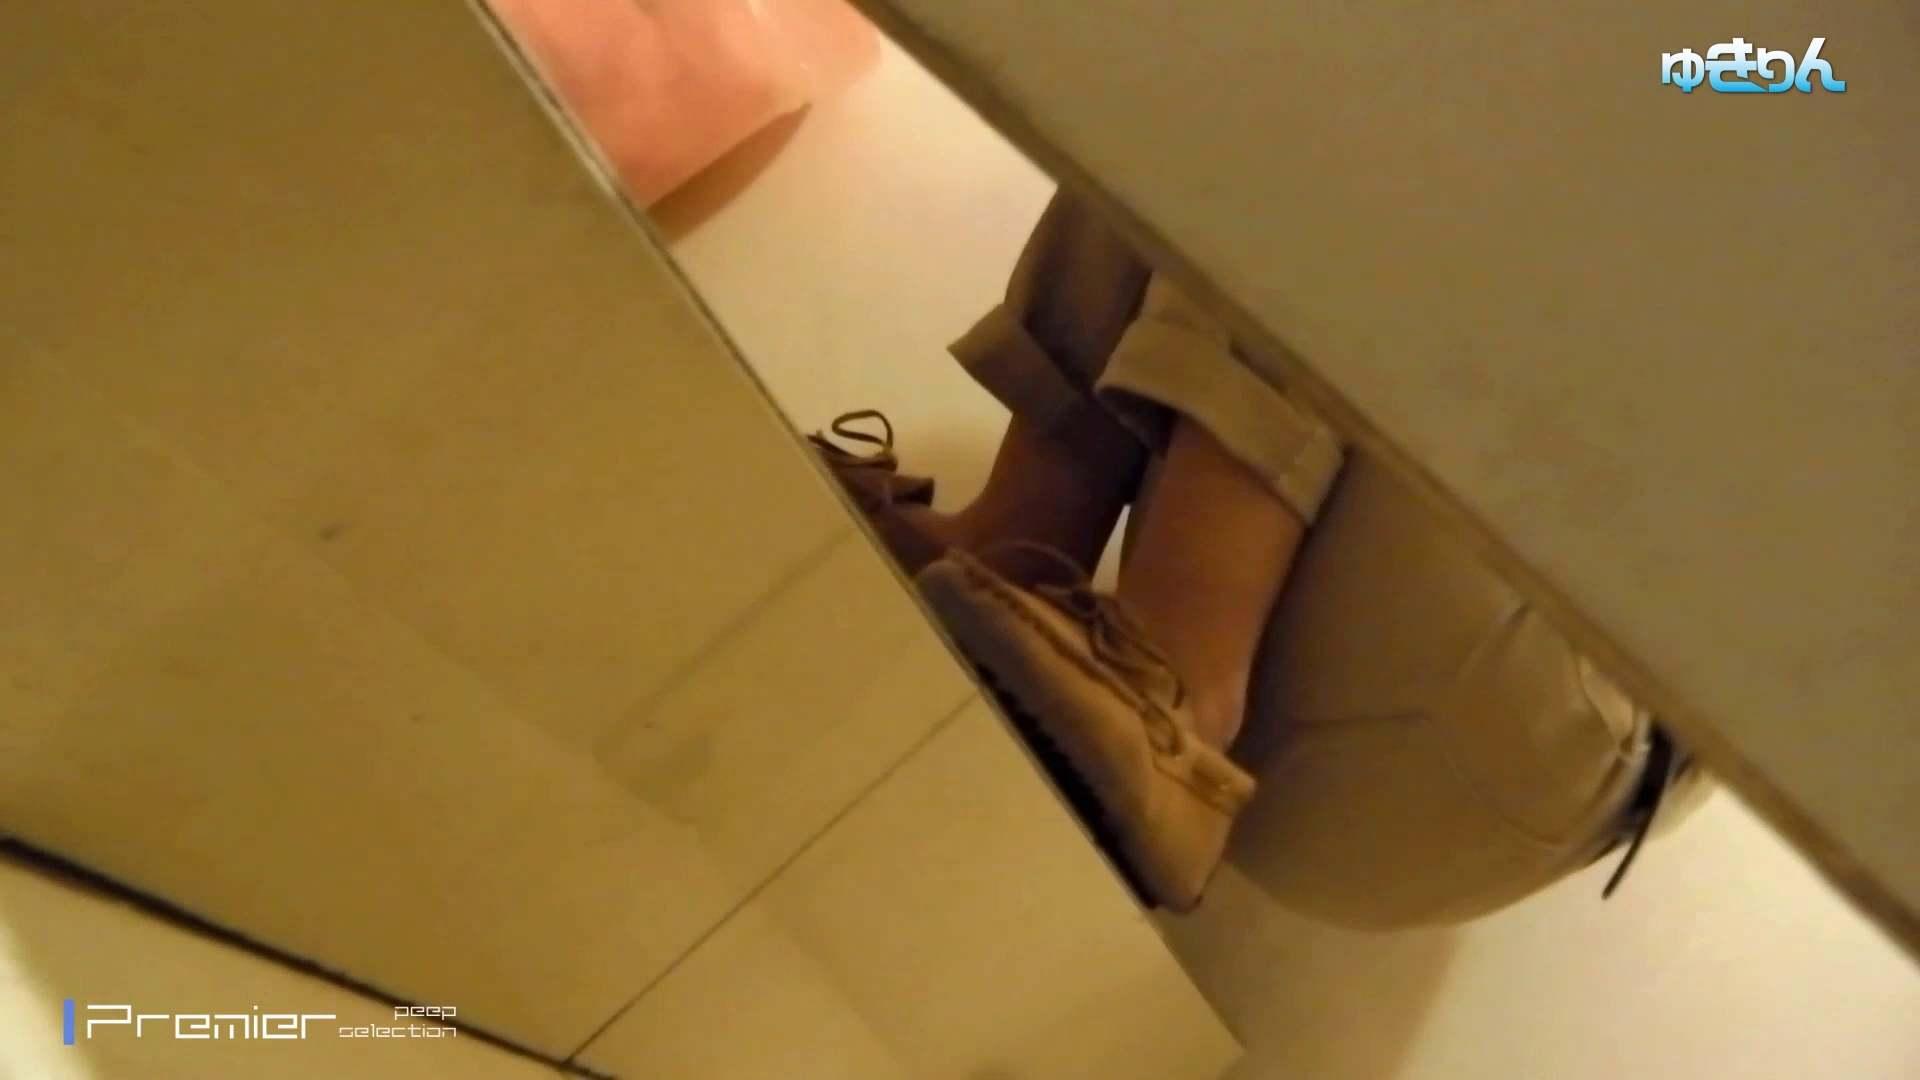 新世界の射窓 No89 あの有名のショーに出ているモデルが偶然に利用するという 洗面所   0  58pic 3